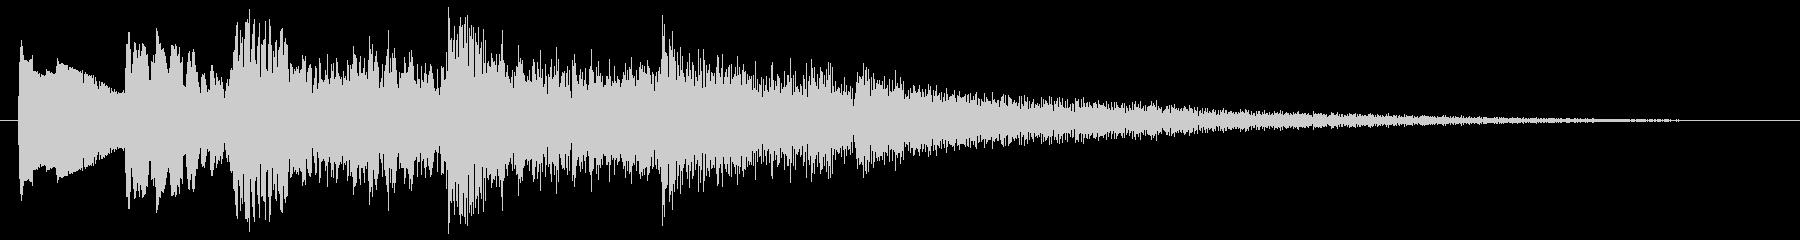 澄んだ音 クリアーな音の場面転換 の未再生の波形